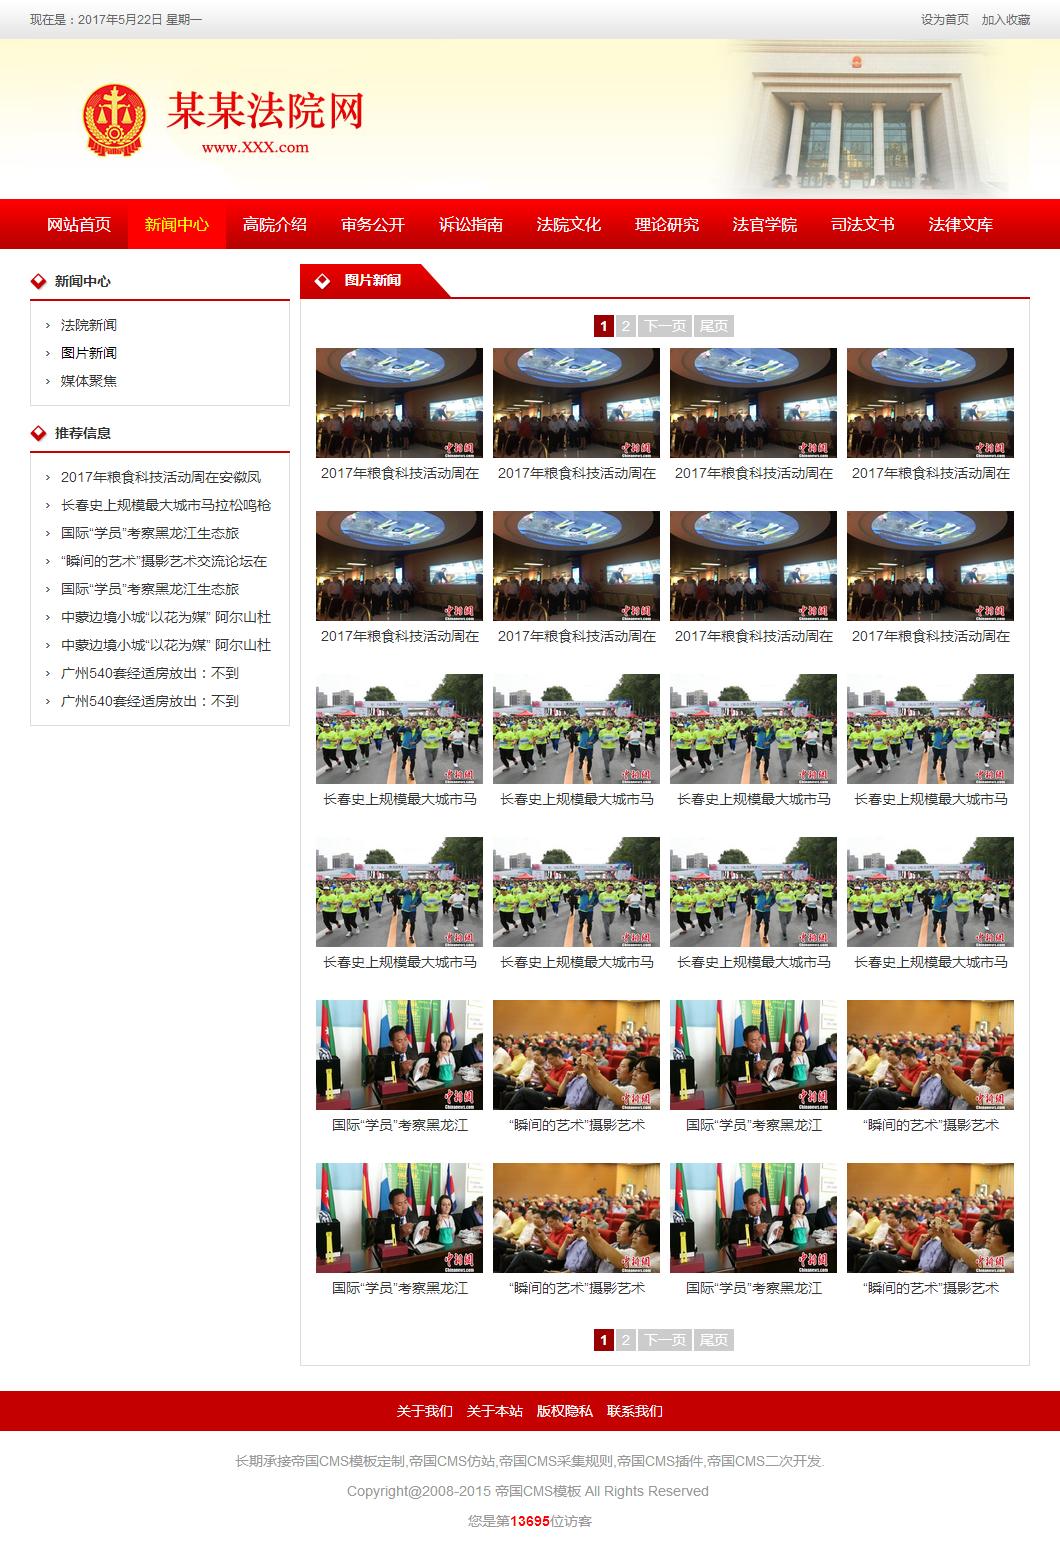 帝国cms政府网站模板之法院类型红色系_图片列表